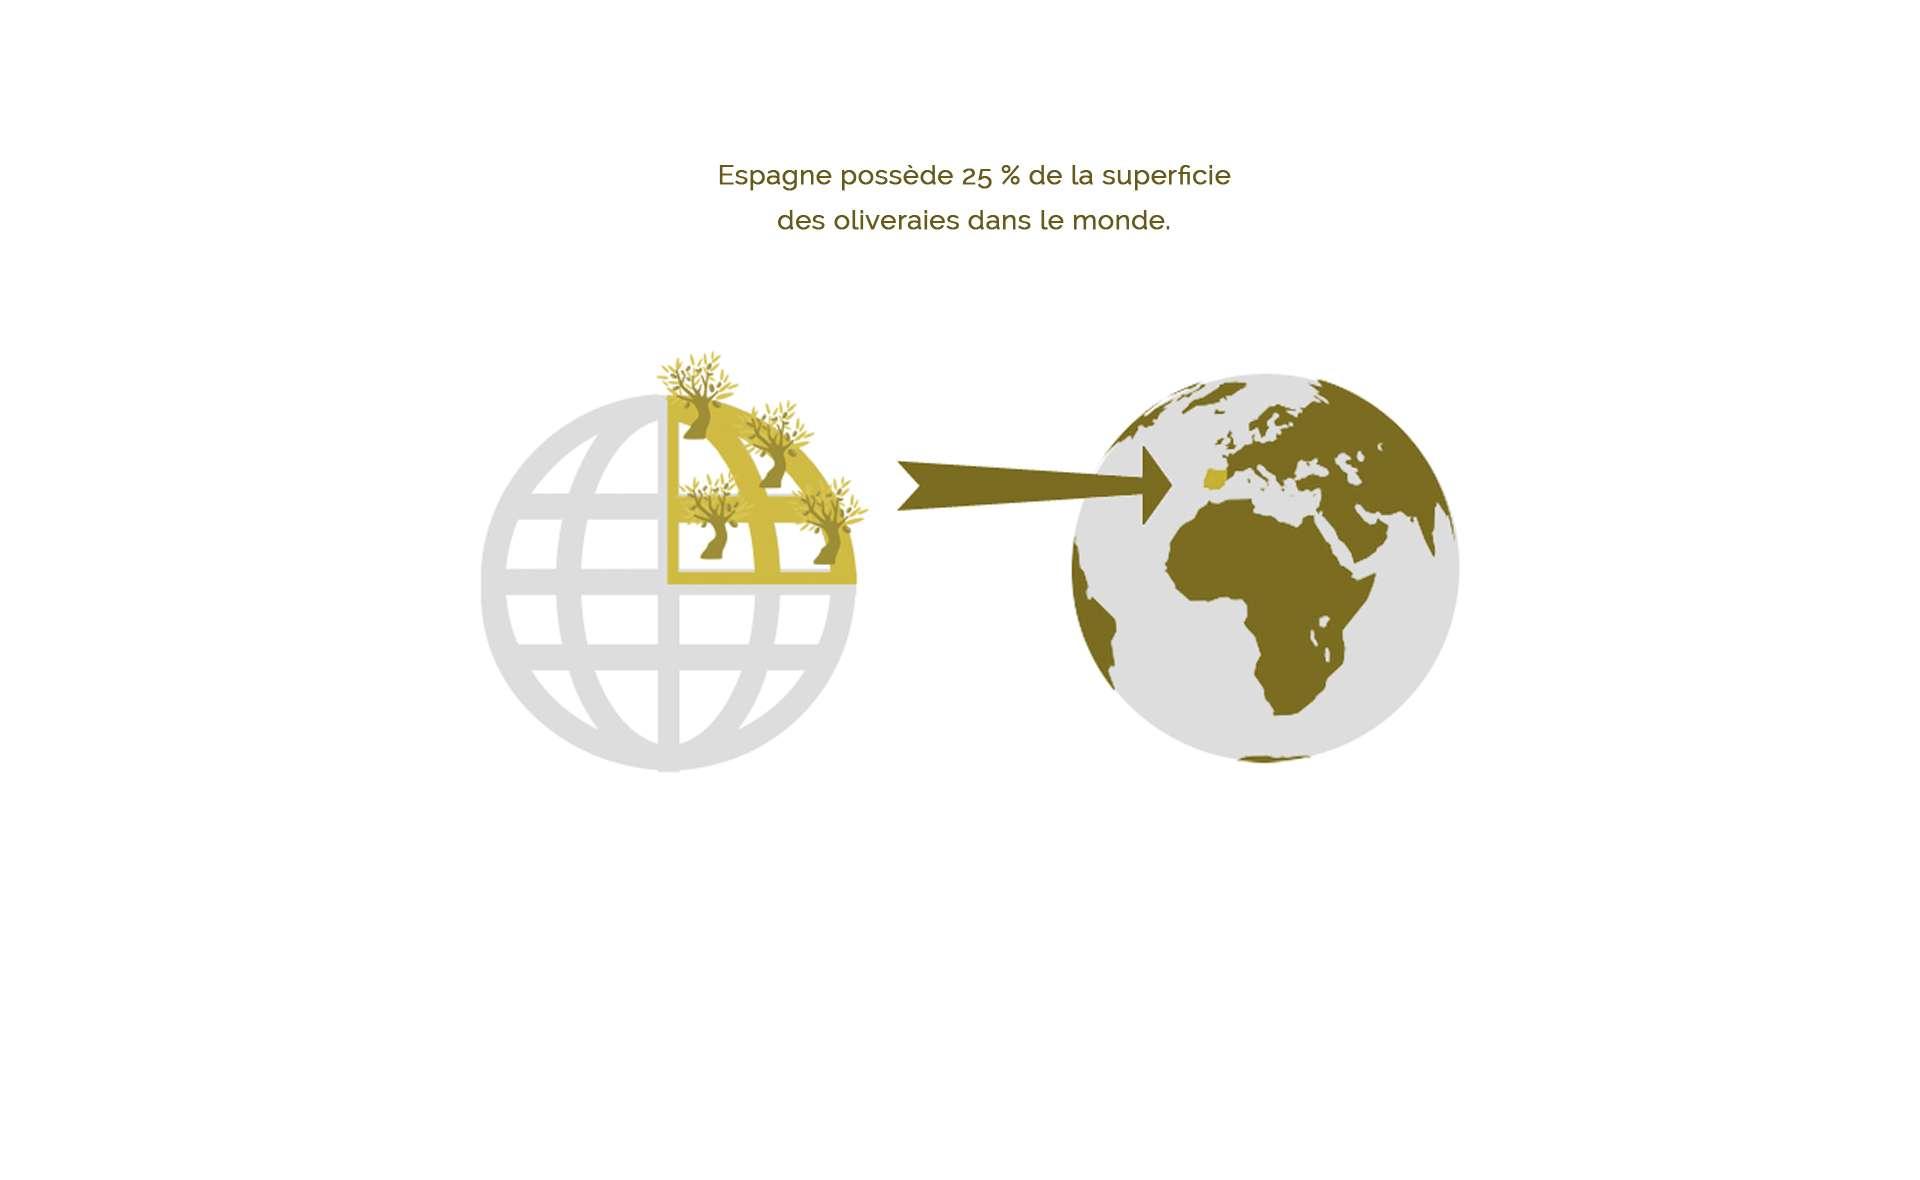 L'Espagne concentre 25% de la production mondiale d'huile d'olive